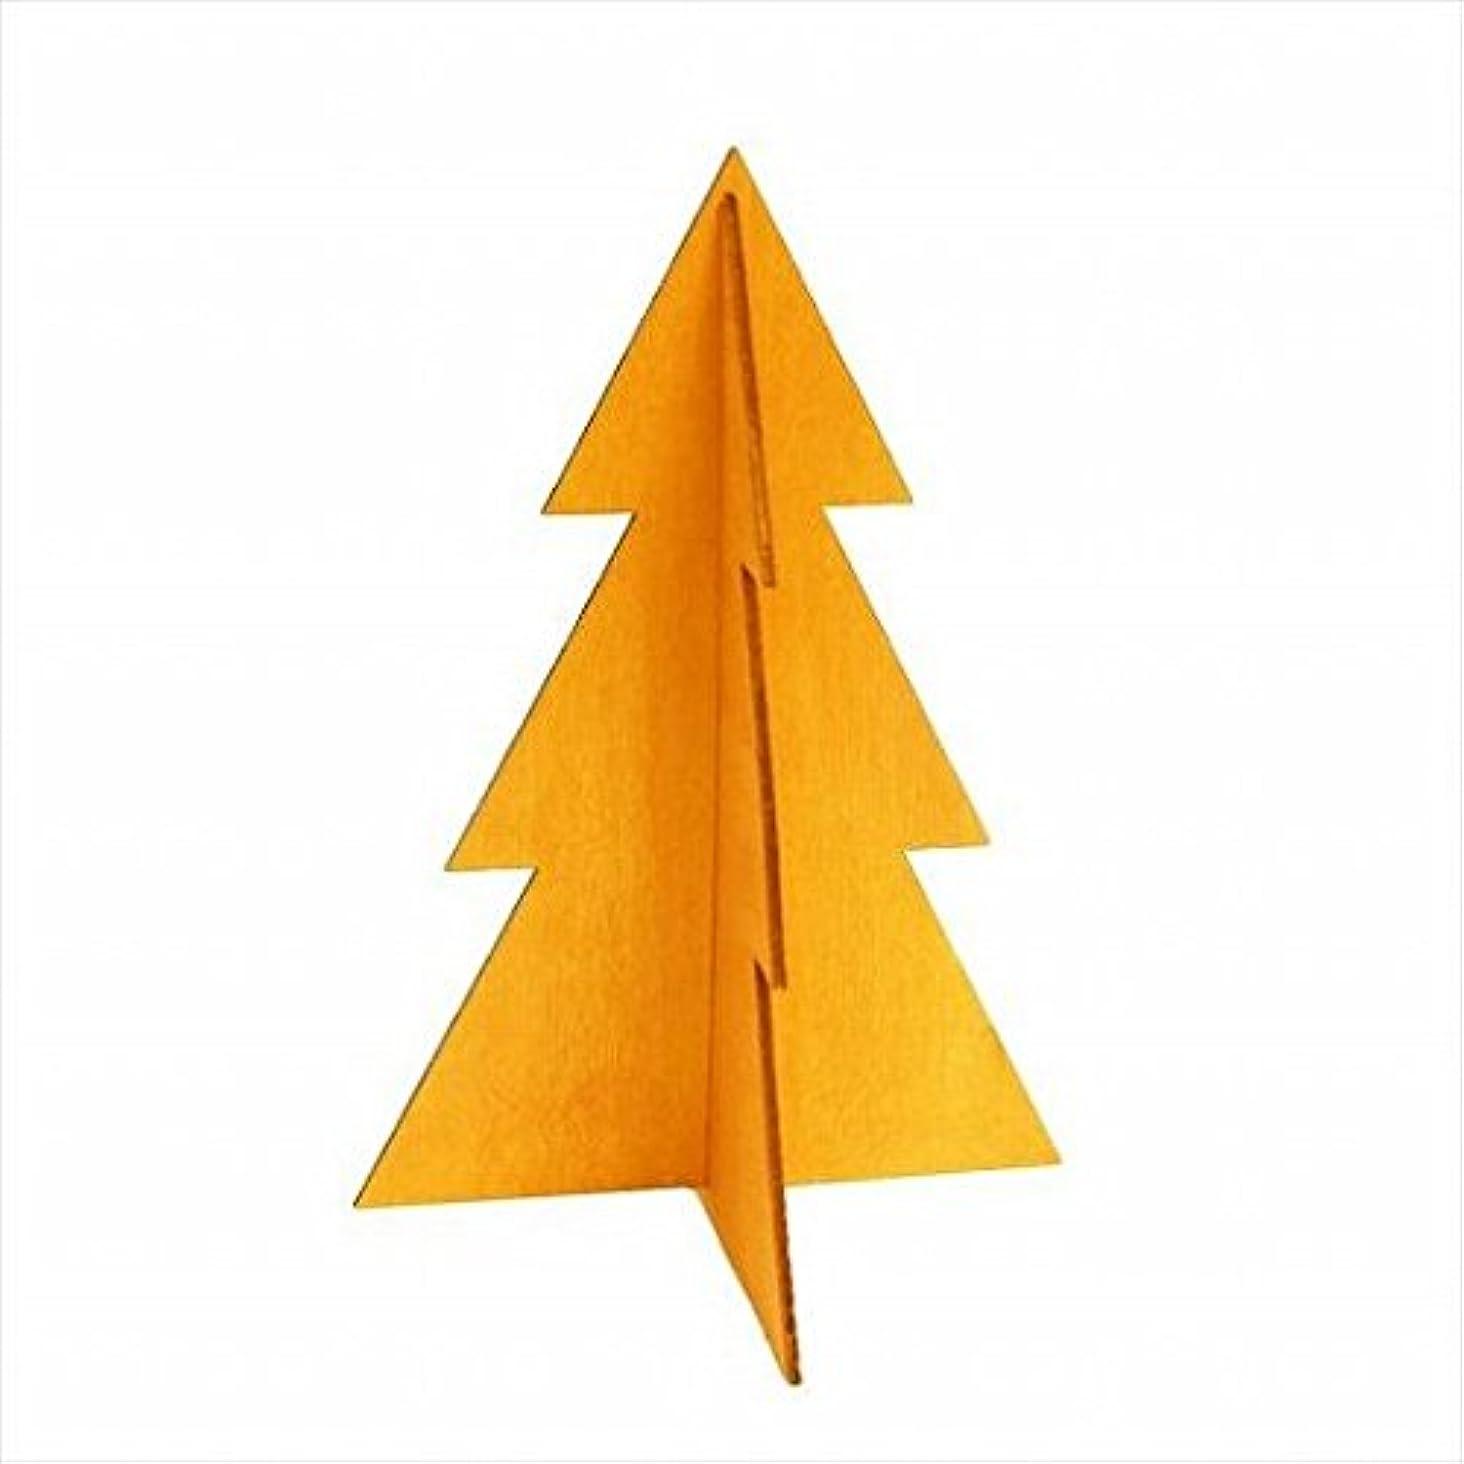 故障中結論いうkameyama candle(カメヤマキャンドル) フェスティブツリーM 「 オレンジ 」 キャンドル 144x144x210mm (I882243009)